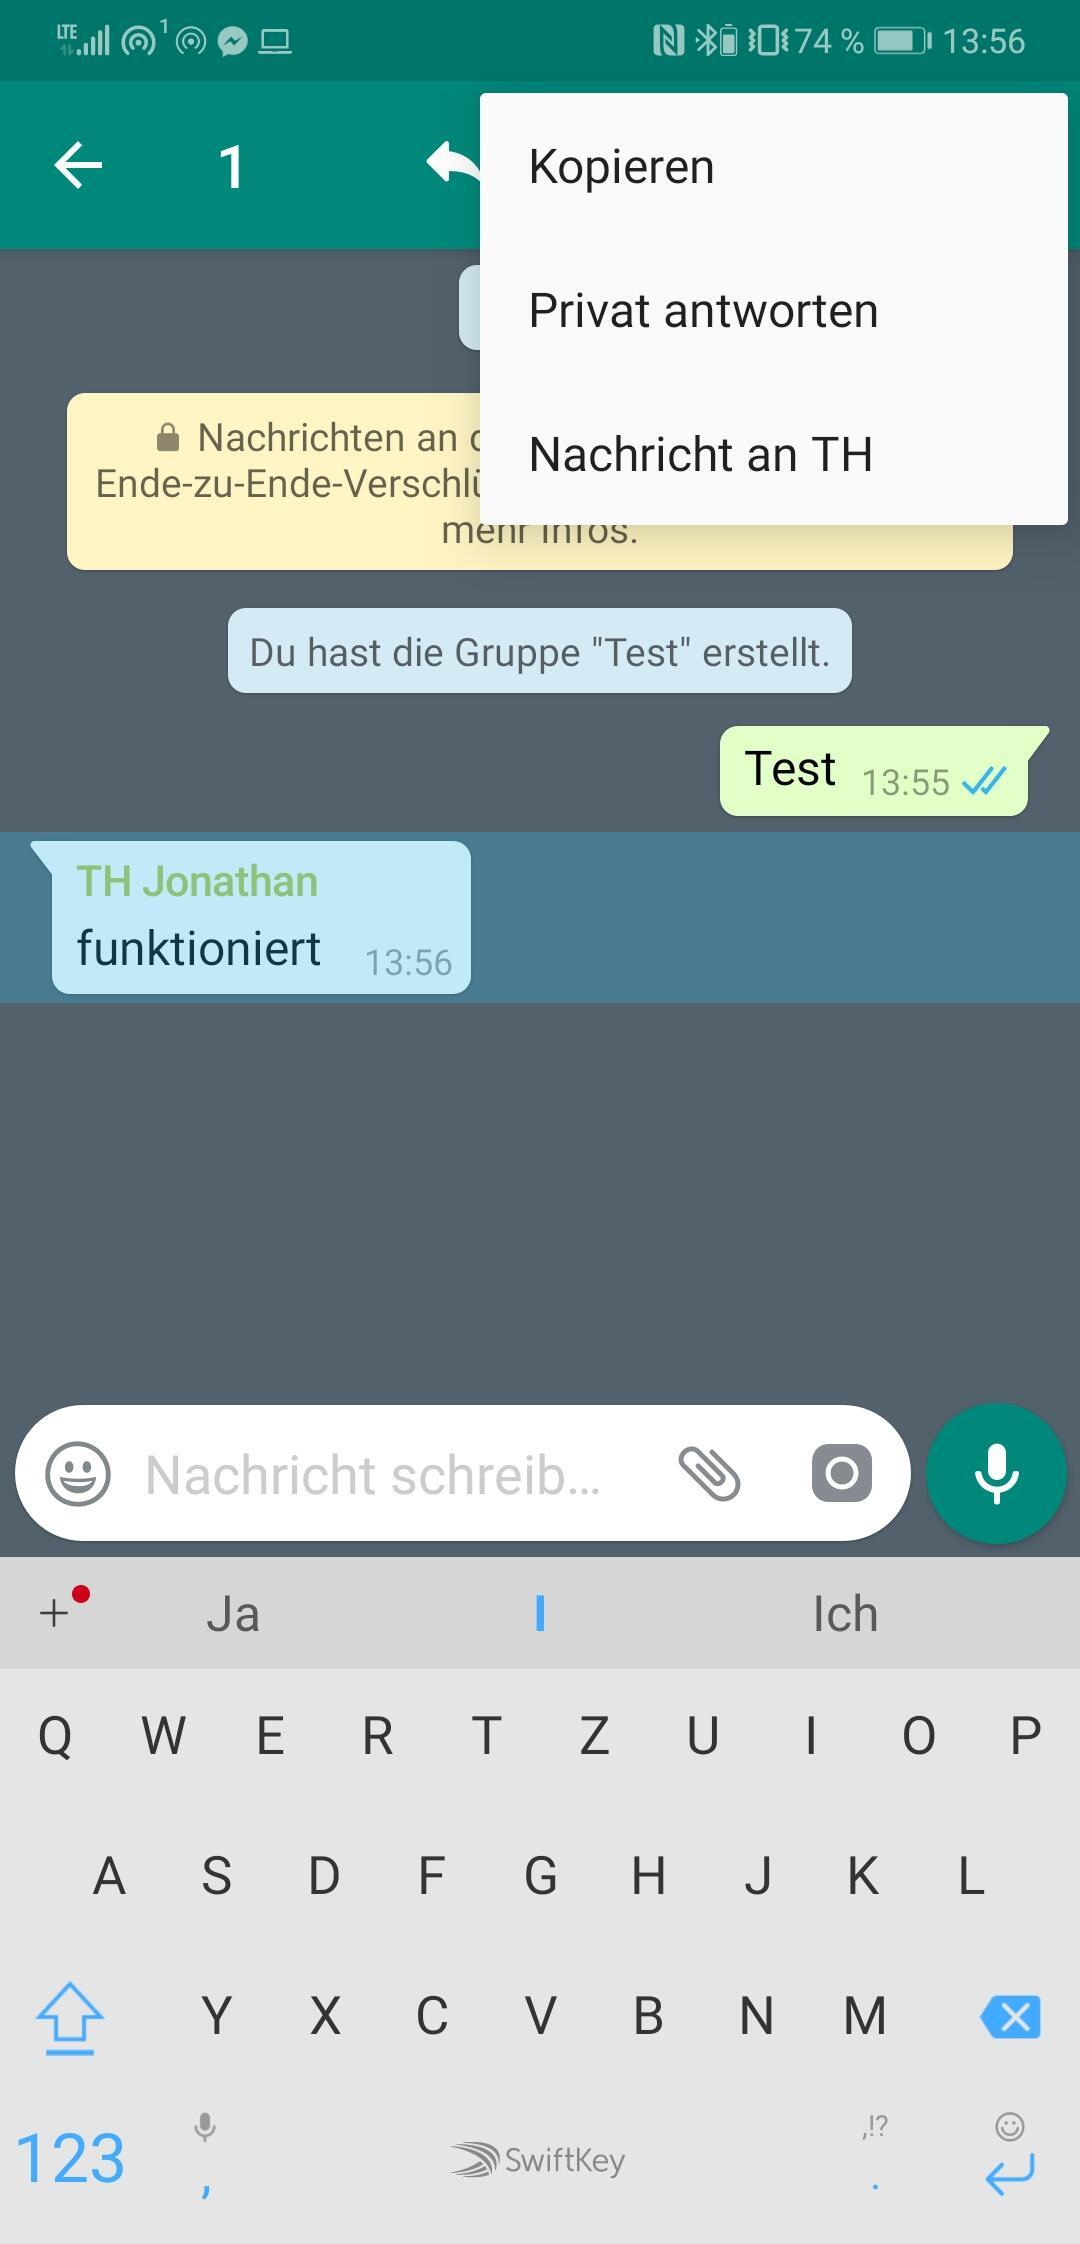 Whatsapp Privat Antworten 1